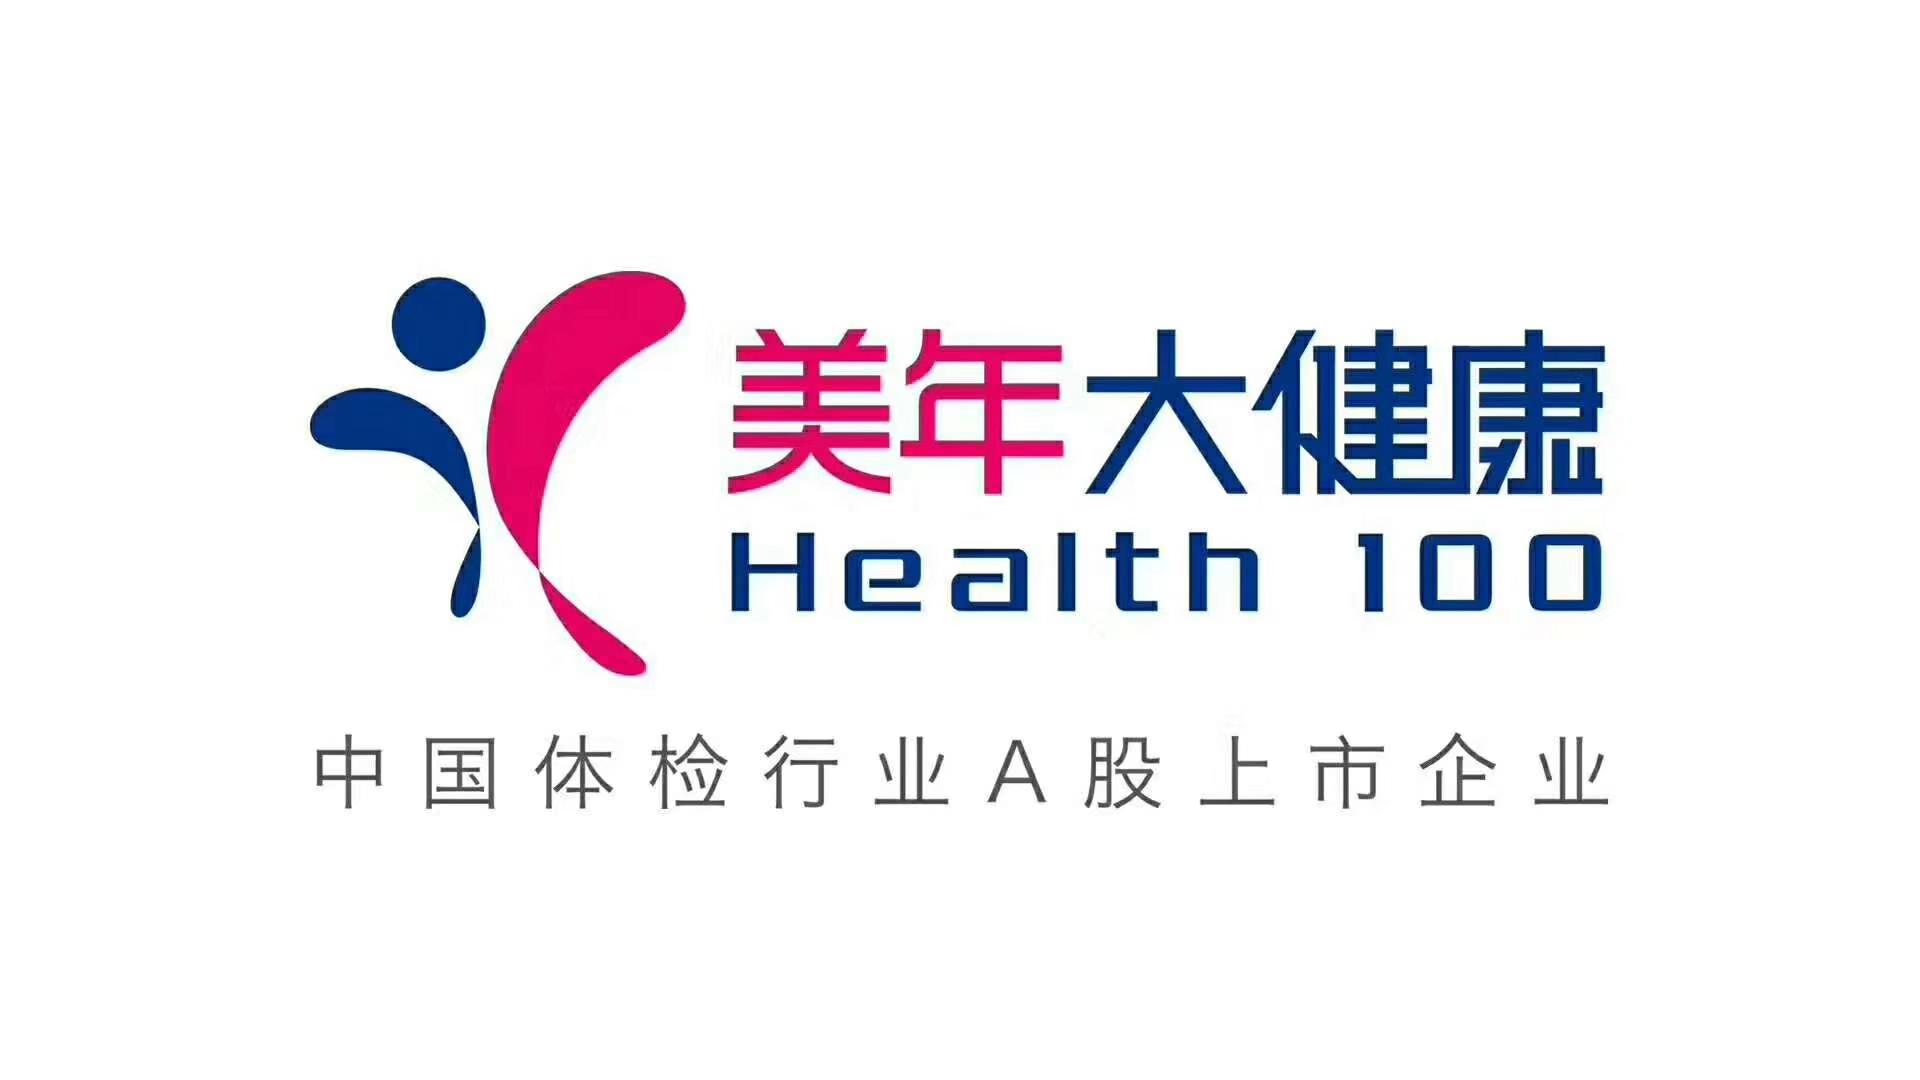 江门美年大健康健康管理有限公司_国际人才网_job001.cn